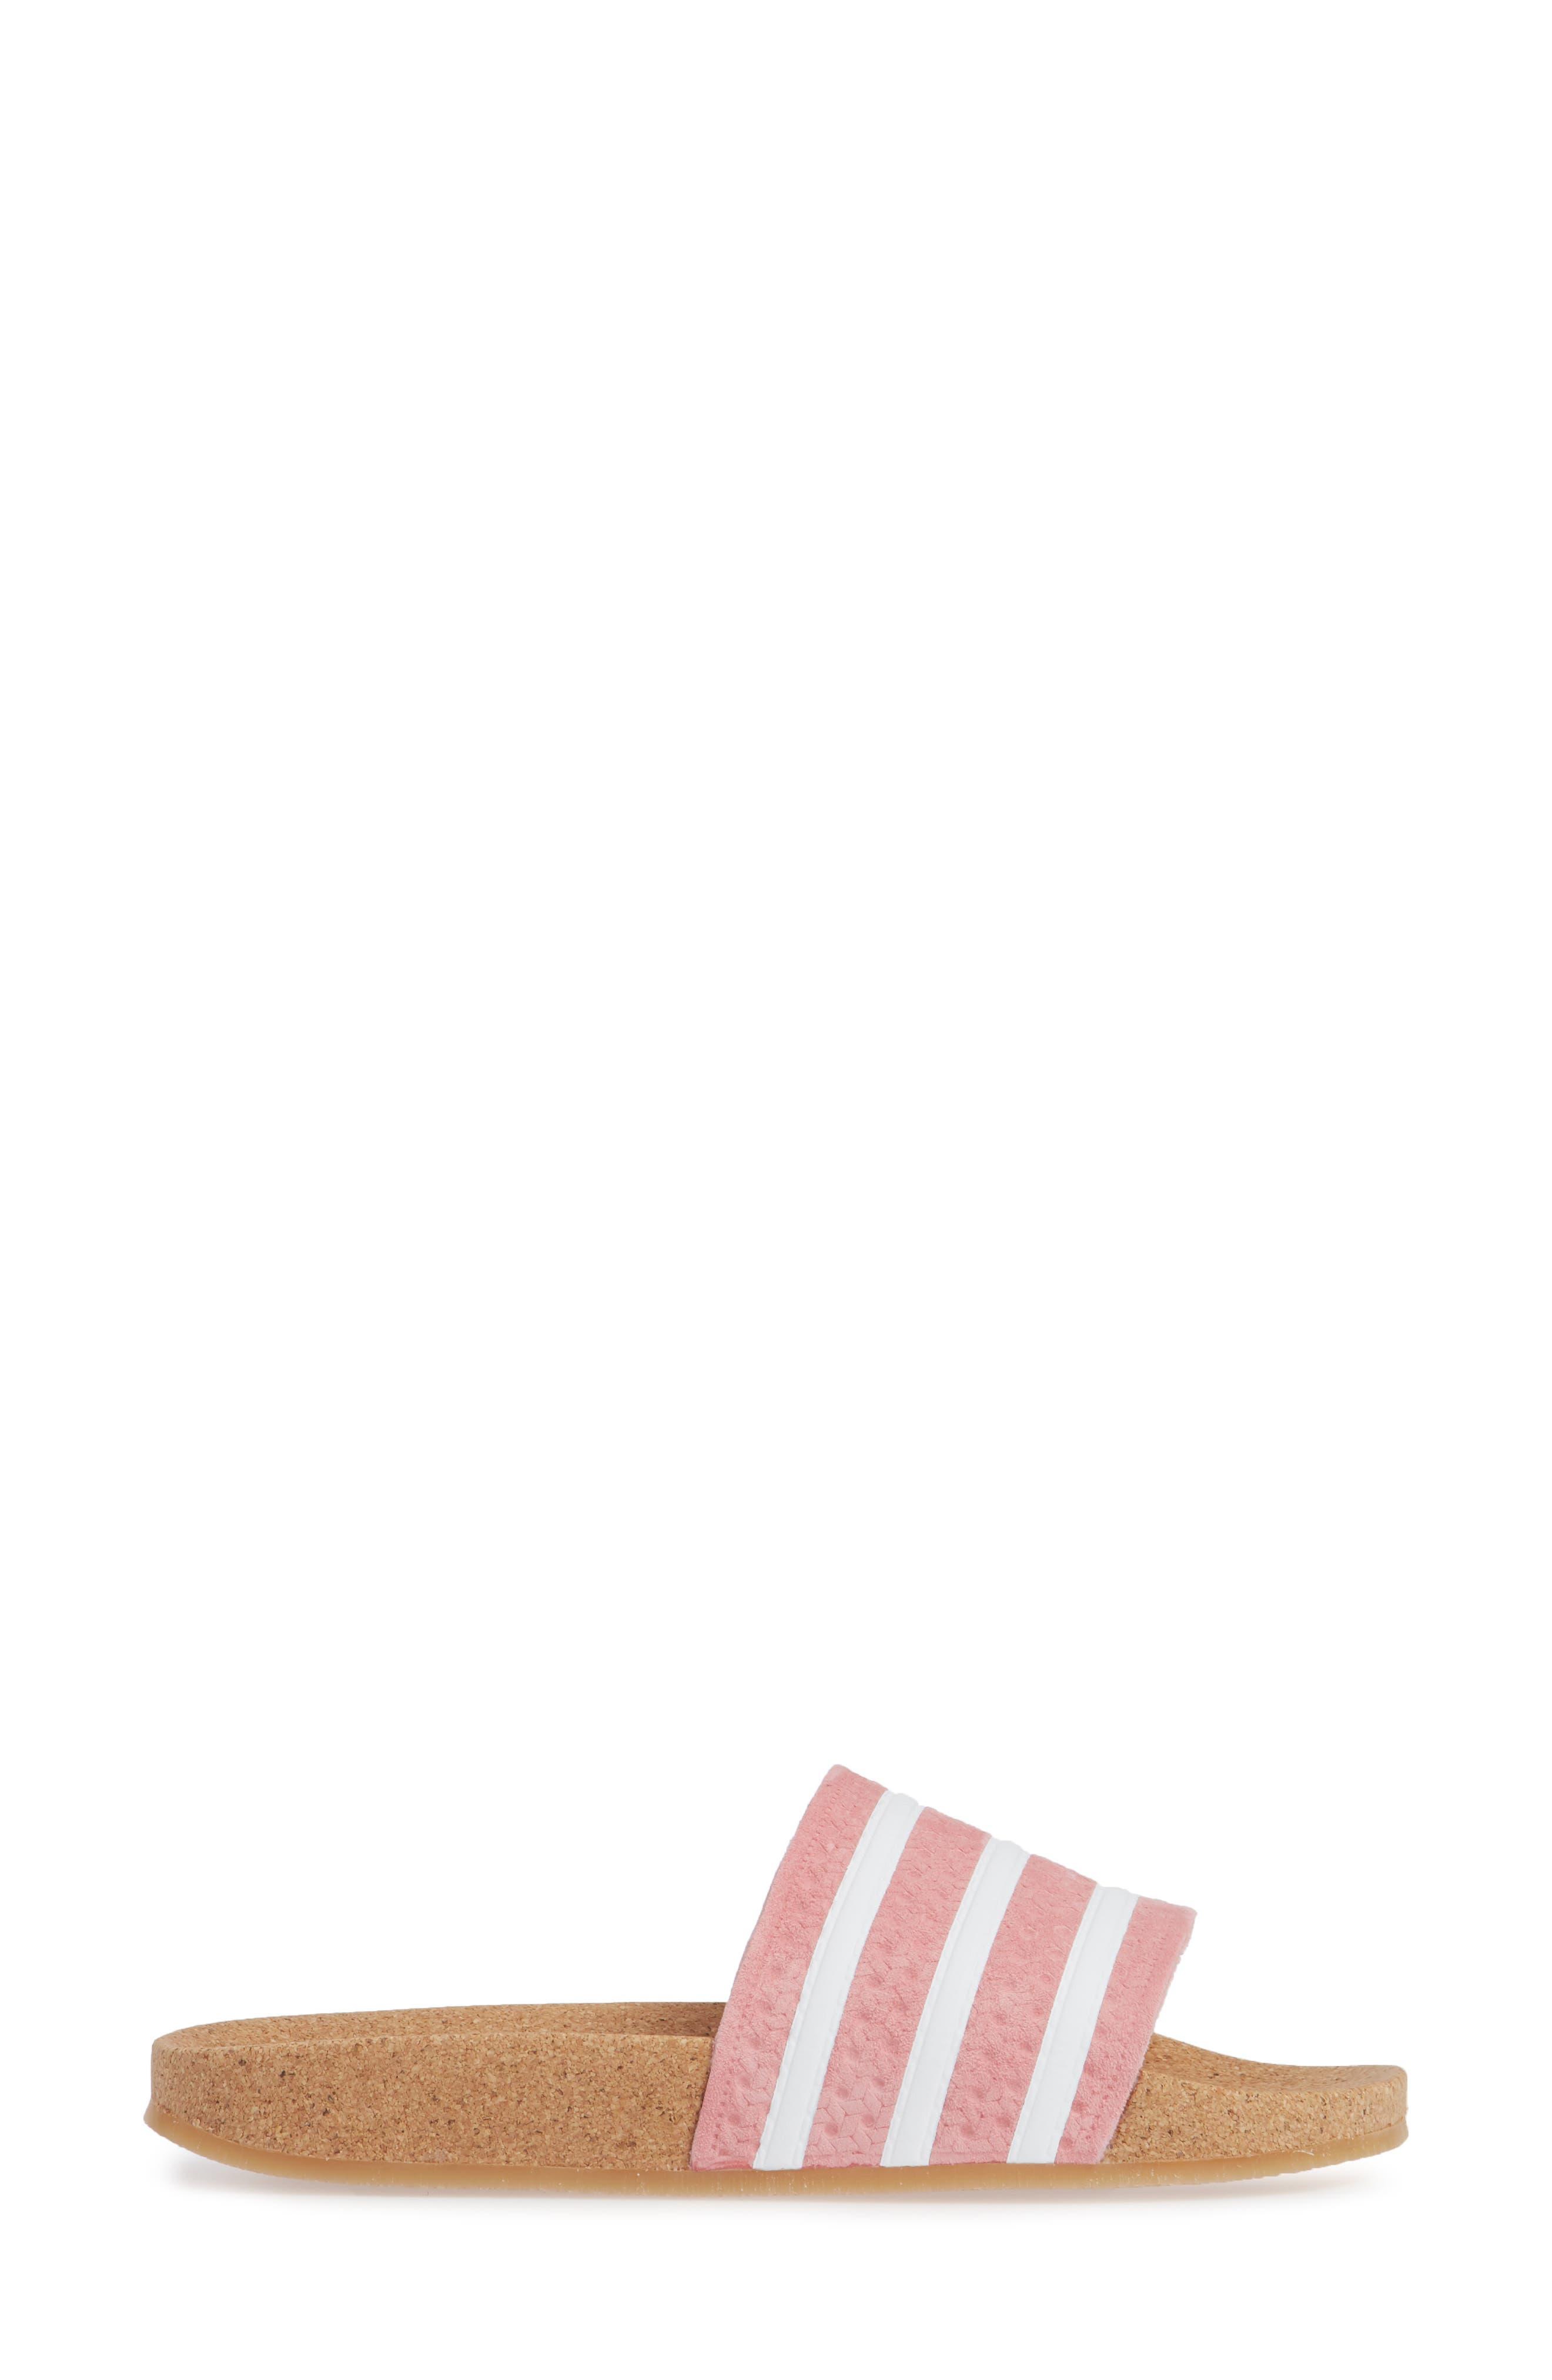 Adilette Slide Sandal,                             Alternate thumbnail 3, color,                             SUPER POP/ WHITE/ GUM4